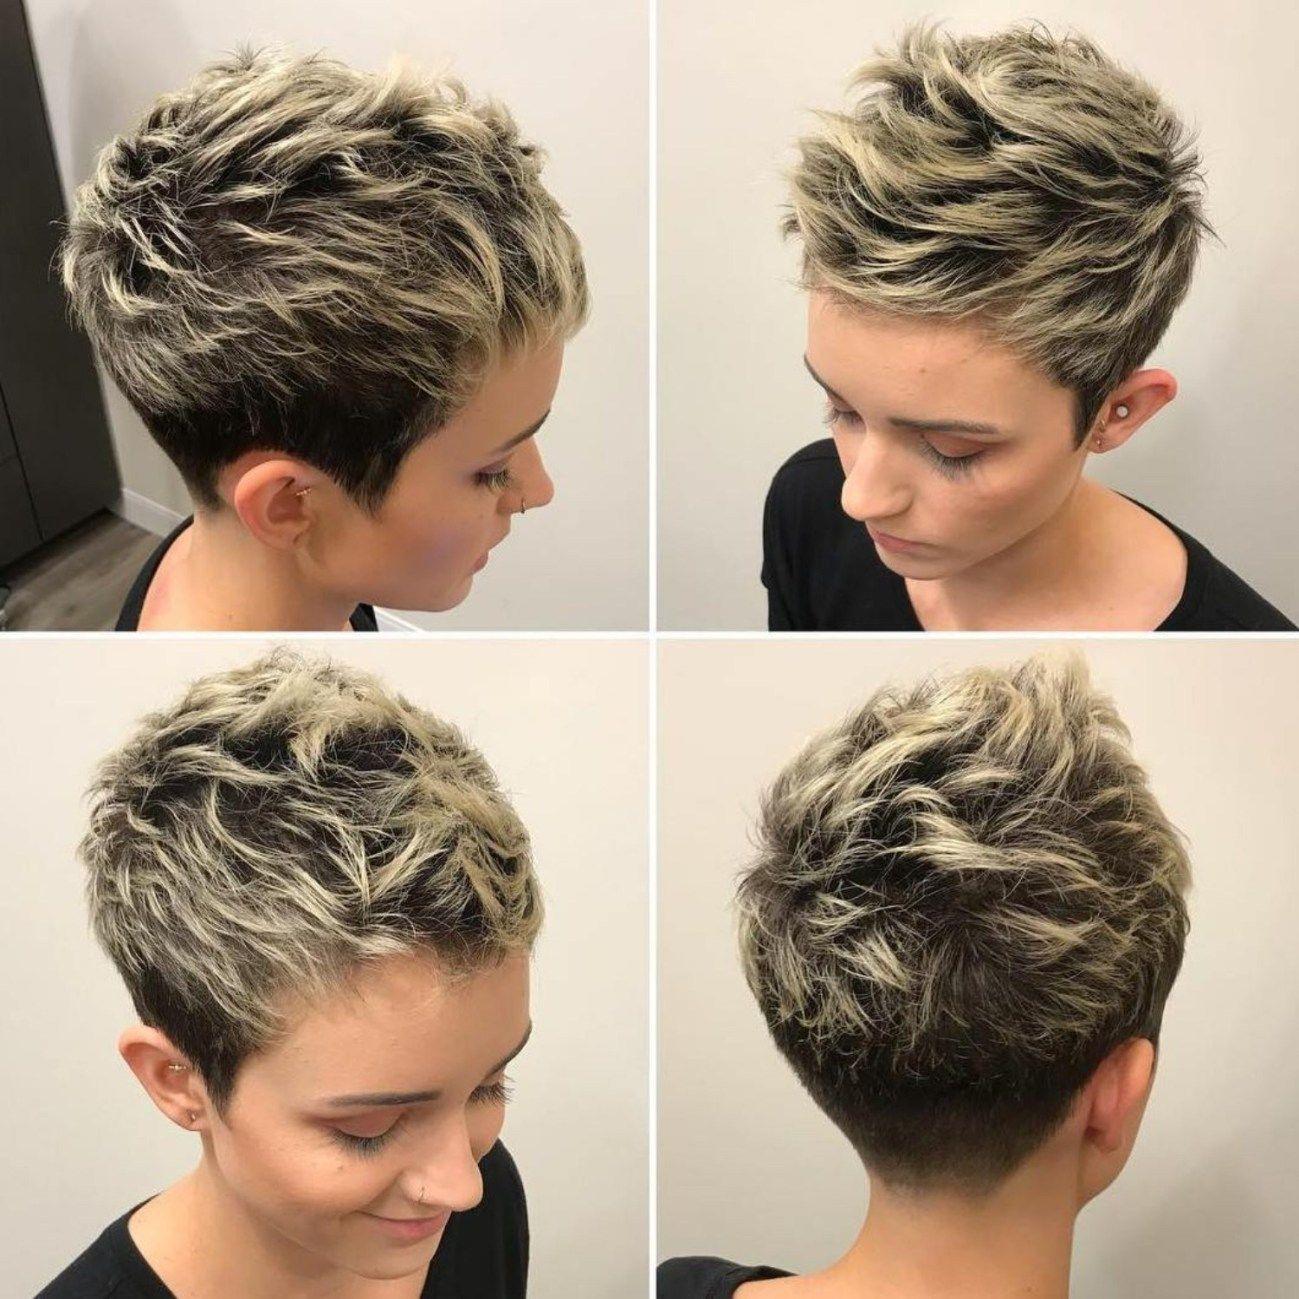 10 Overwhelming Ideas for Short Choppy Haircuts  Short choppy